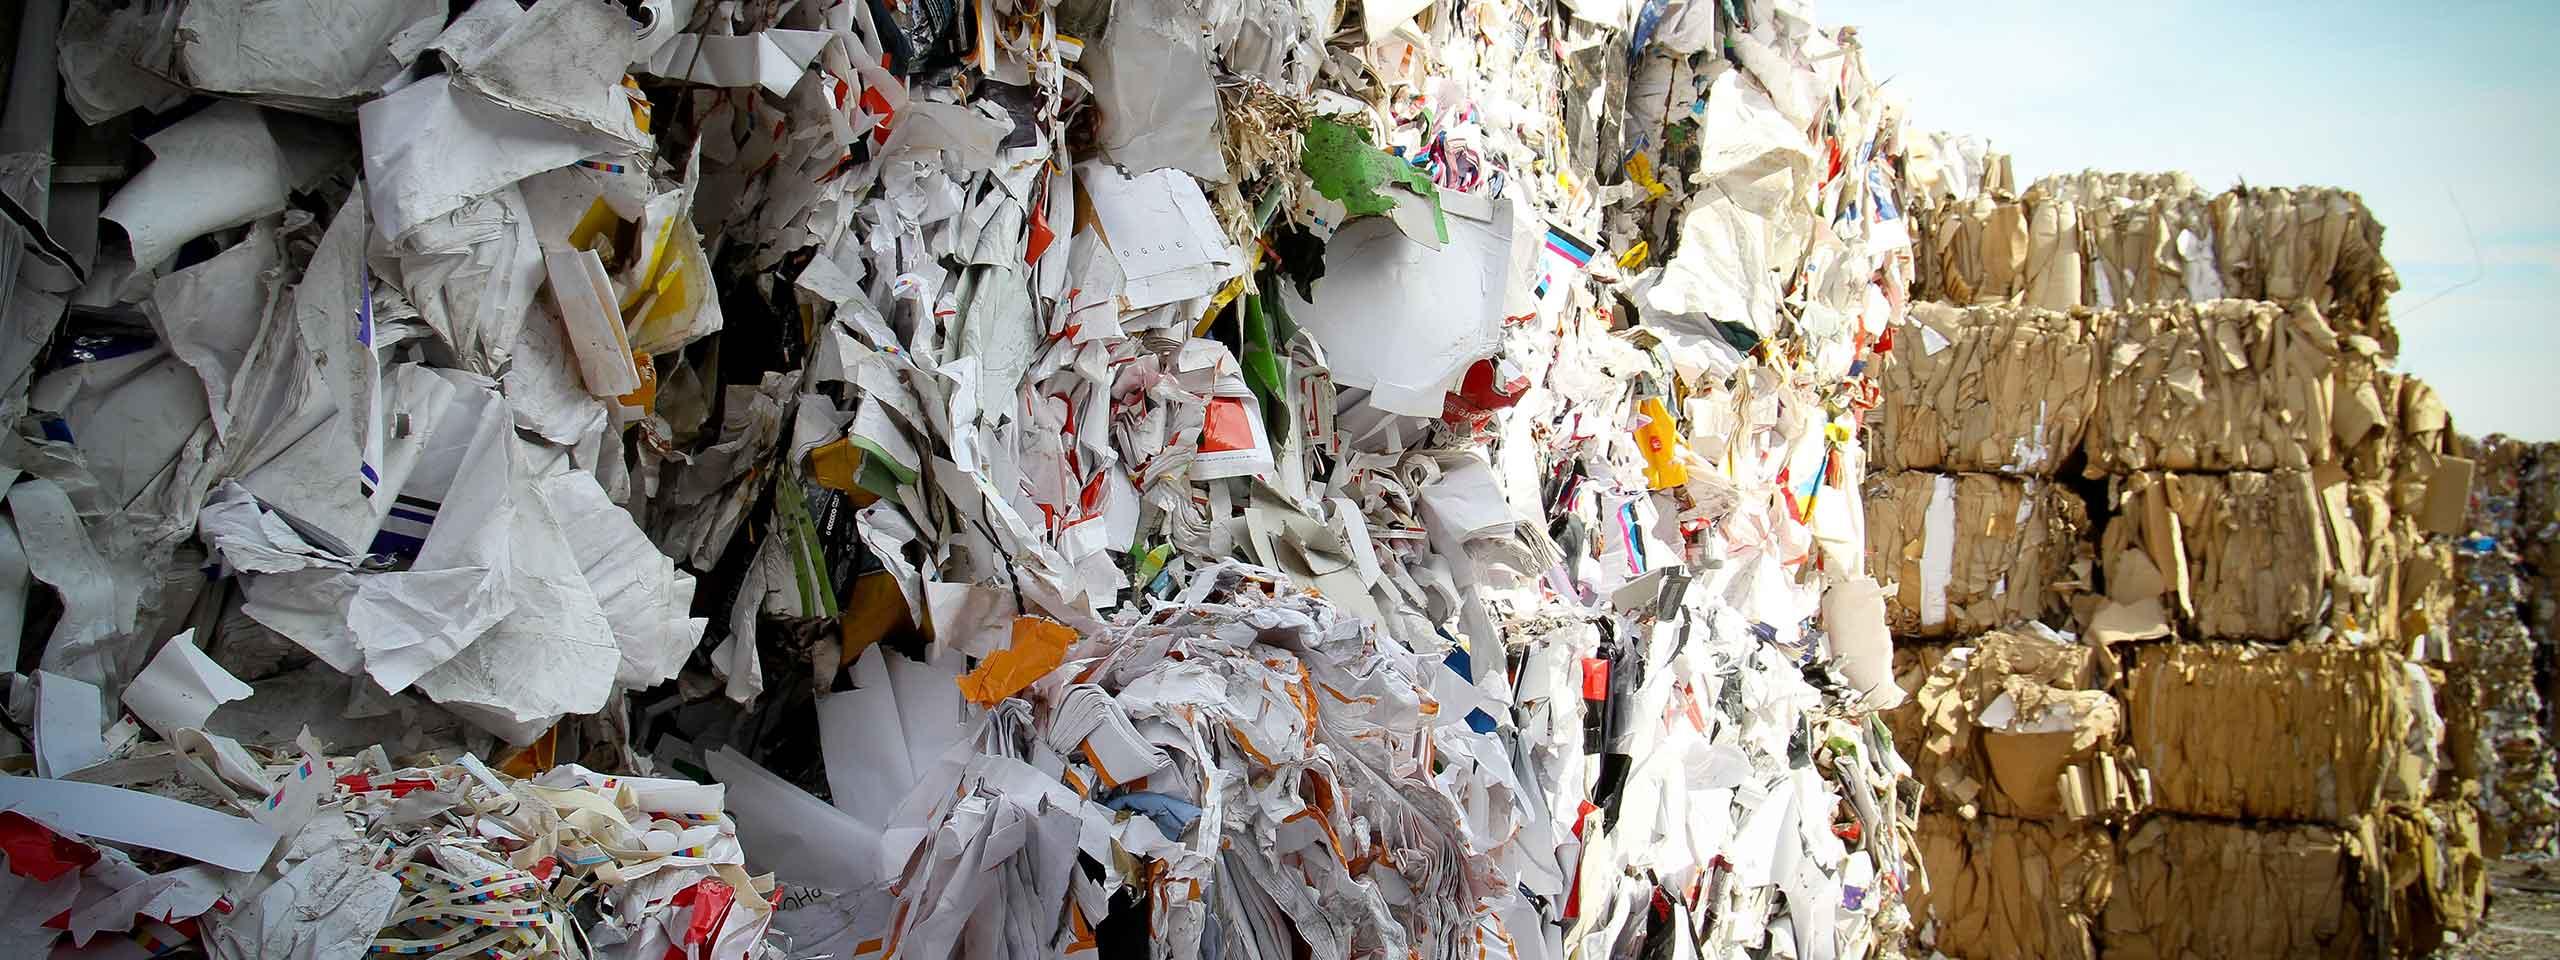 vimar trasporti - smaltimento rifiuti